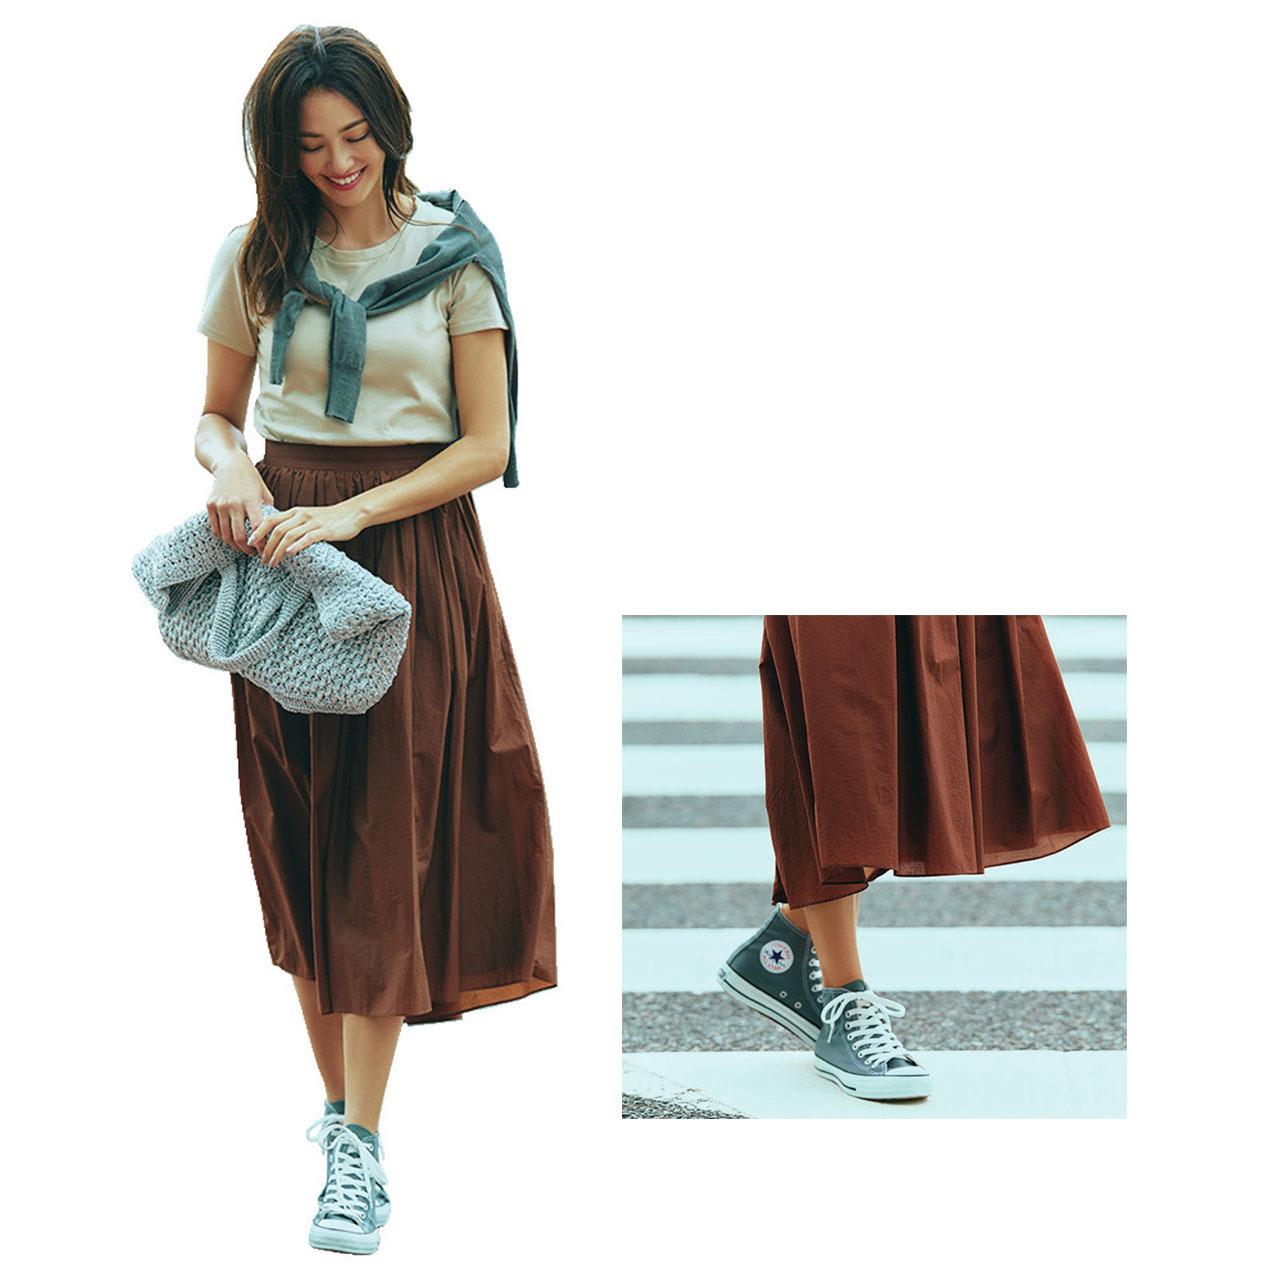 コンバースのグレースニーカー×Tシャツ&スカートのファッションコーデ